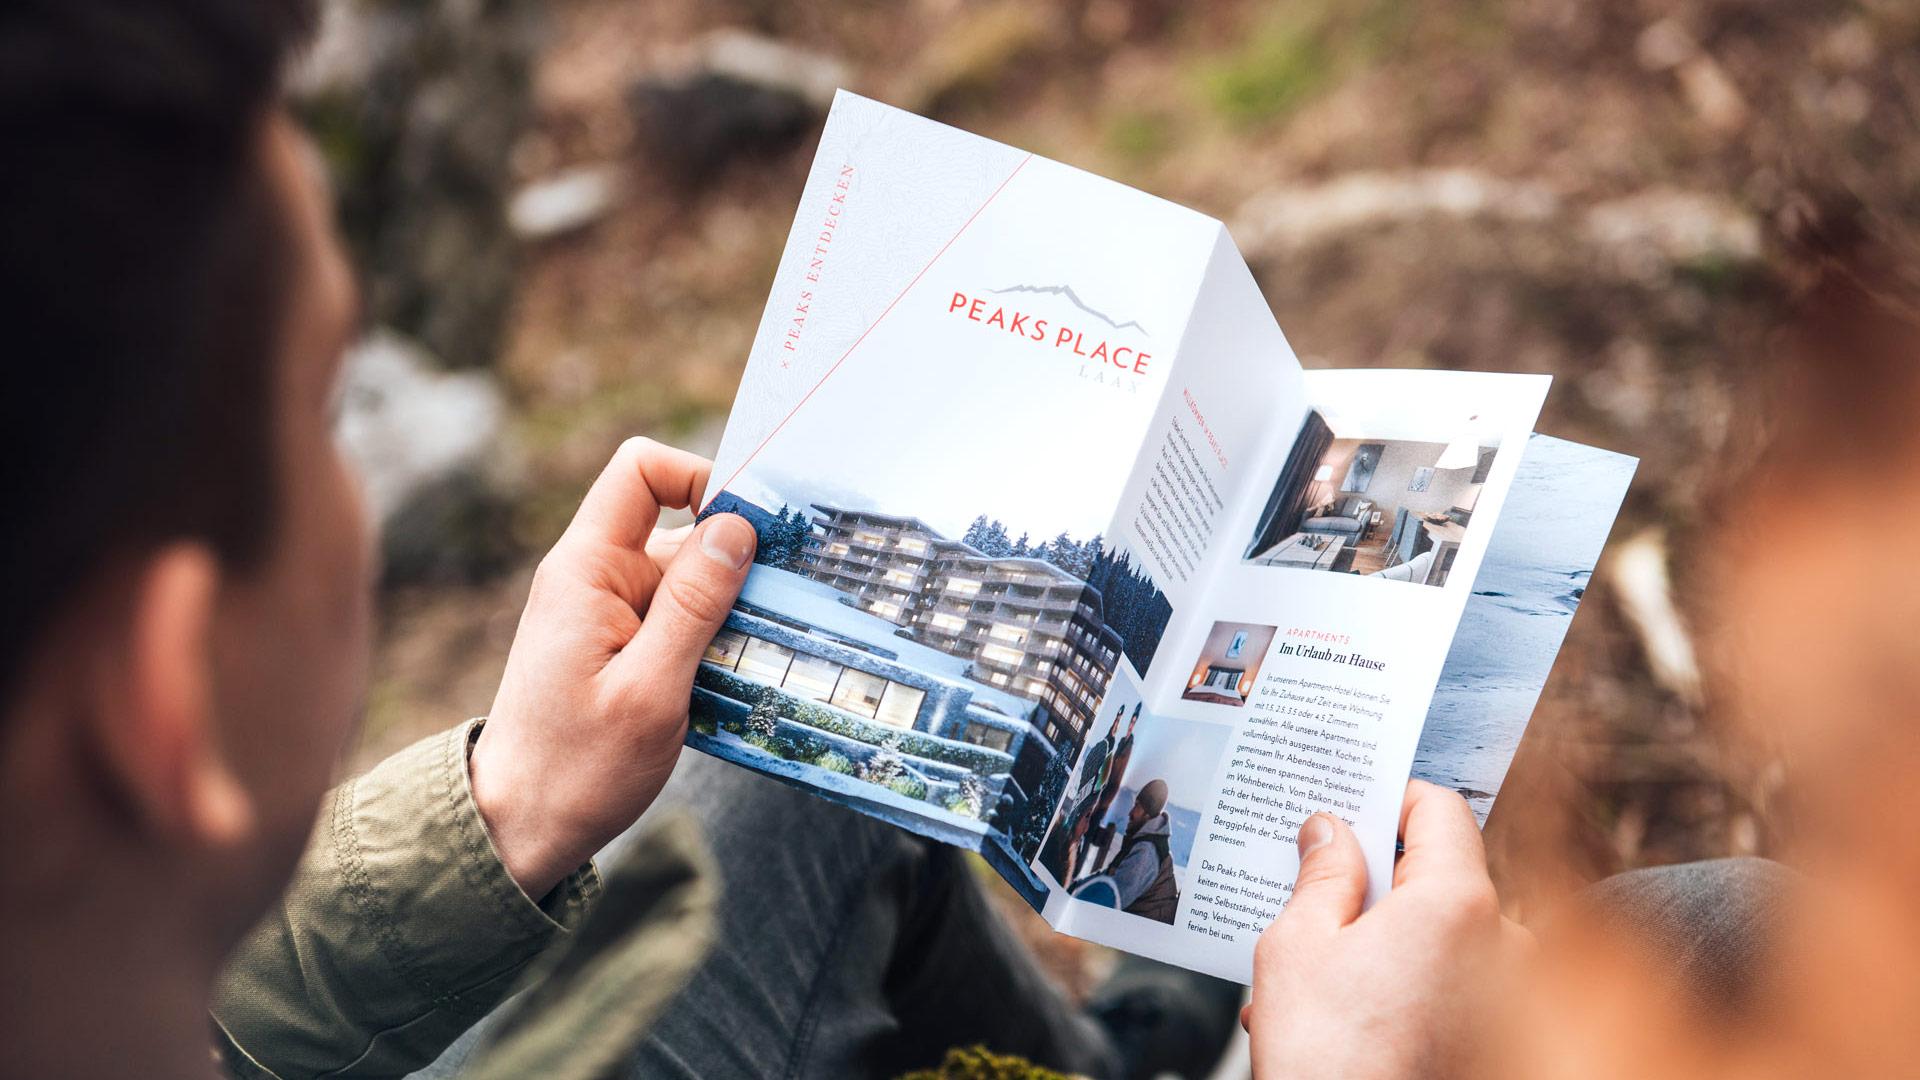 Flyer des Peaks Place Hotel in Laax mit Informationen zum Hotel